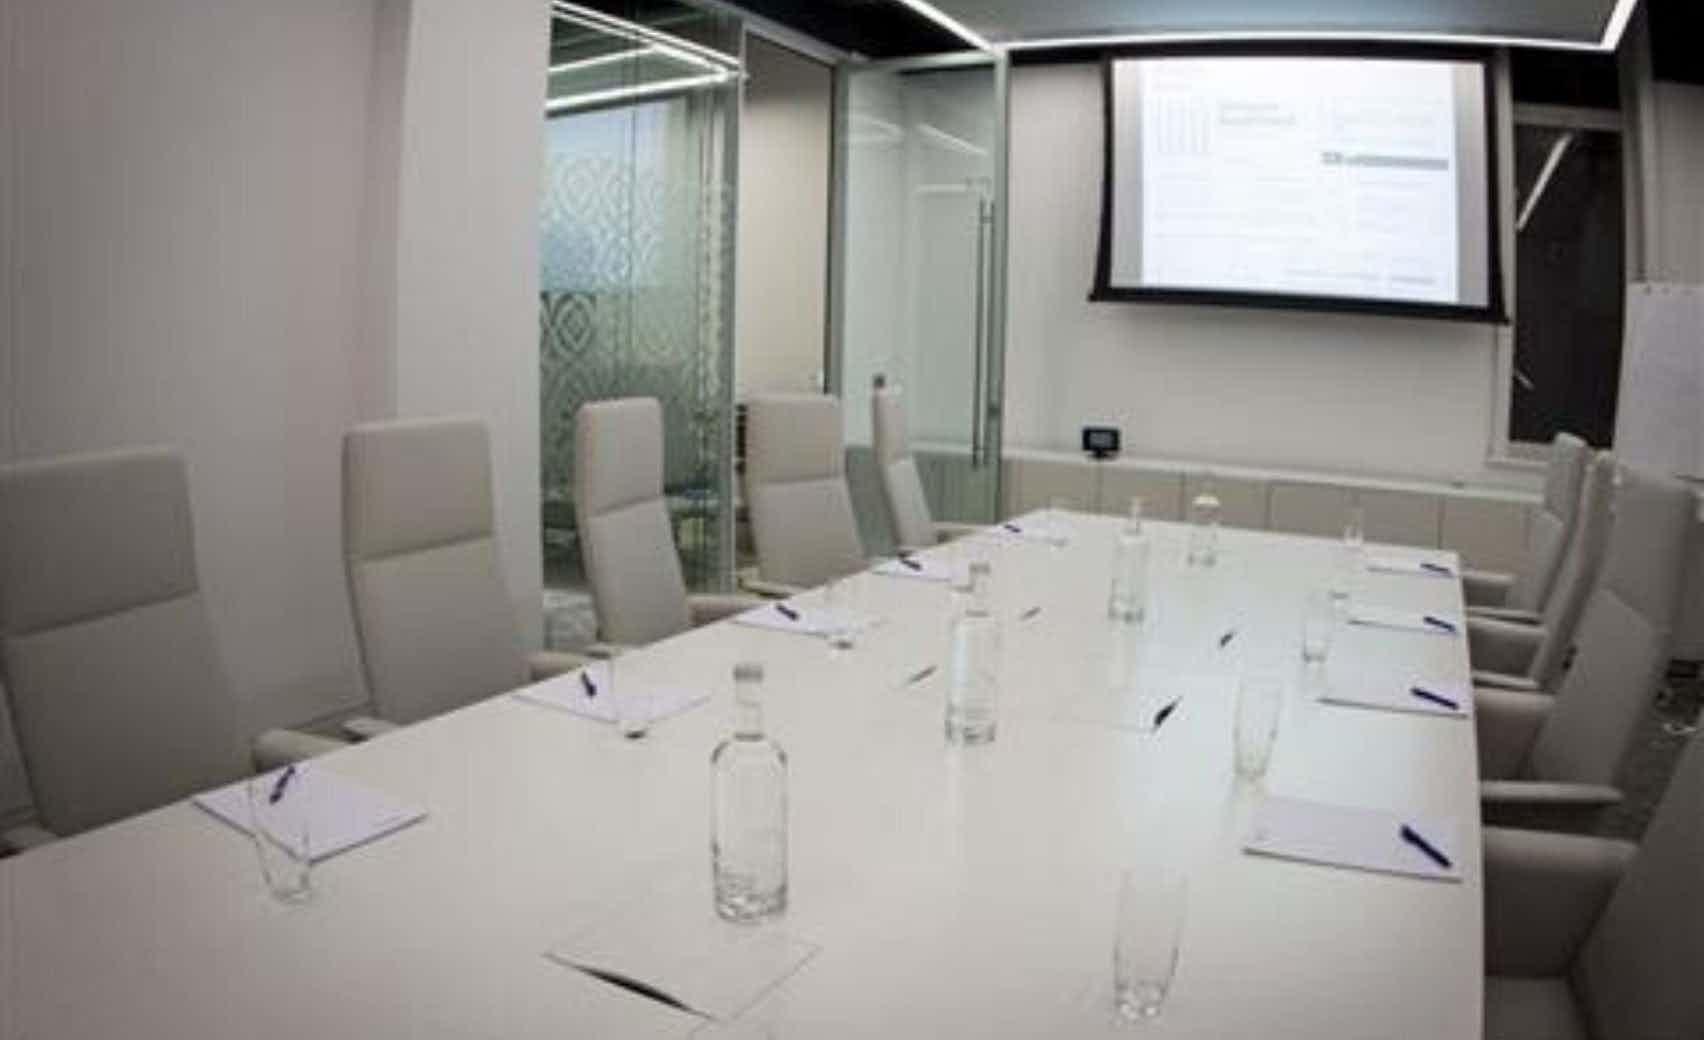 Ground Floor Meeting Room 13, 30 Euston Square